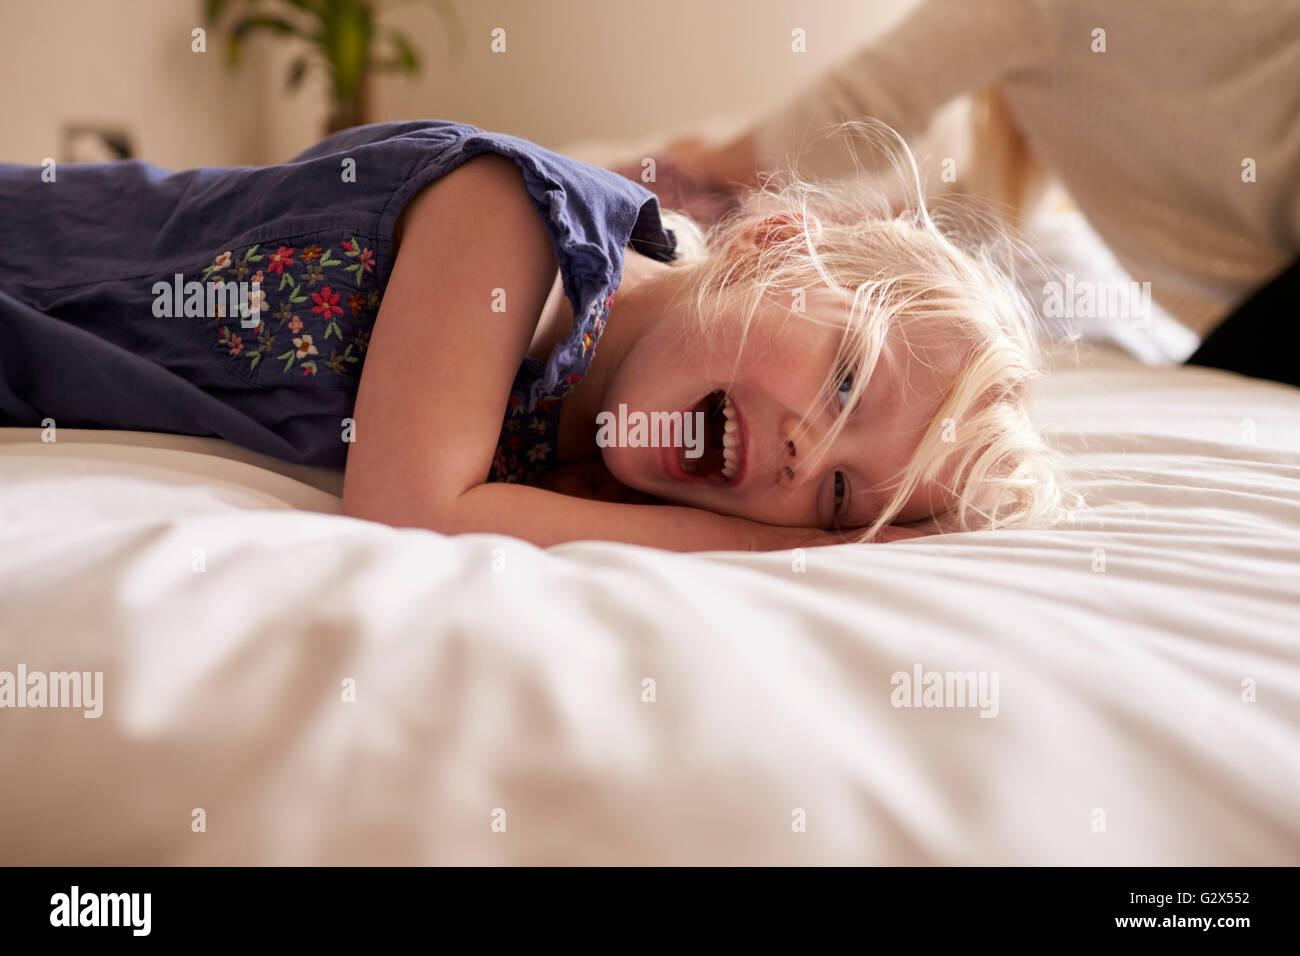 Portrait de jeune fille couchée sur le lit des parents Banque D'Images